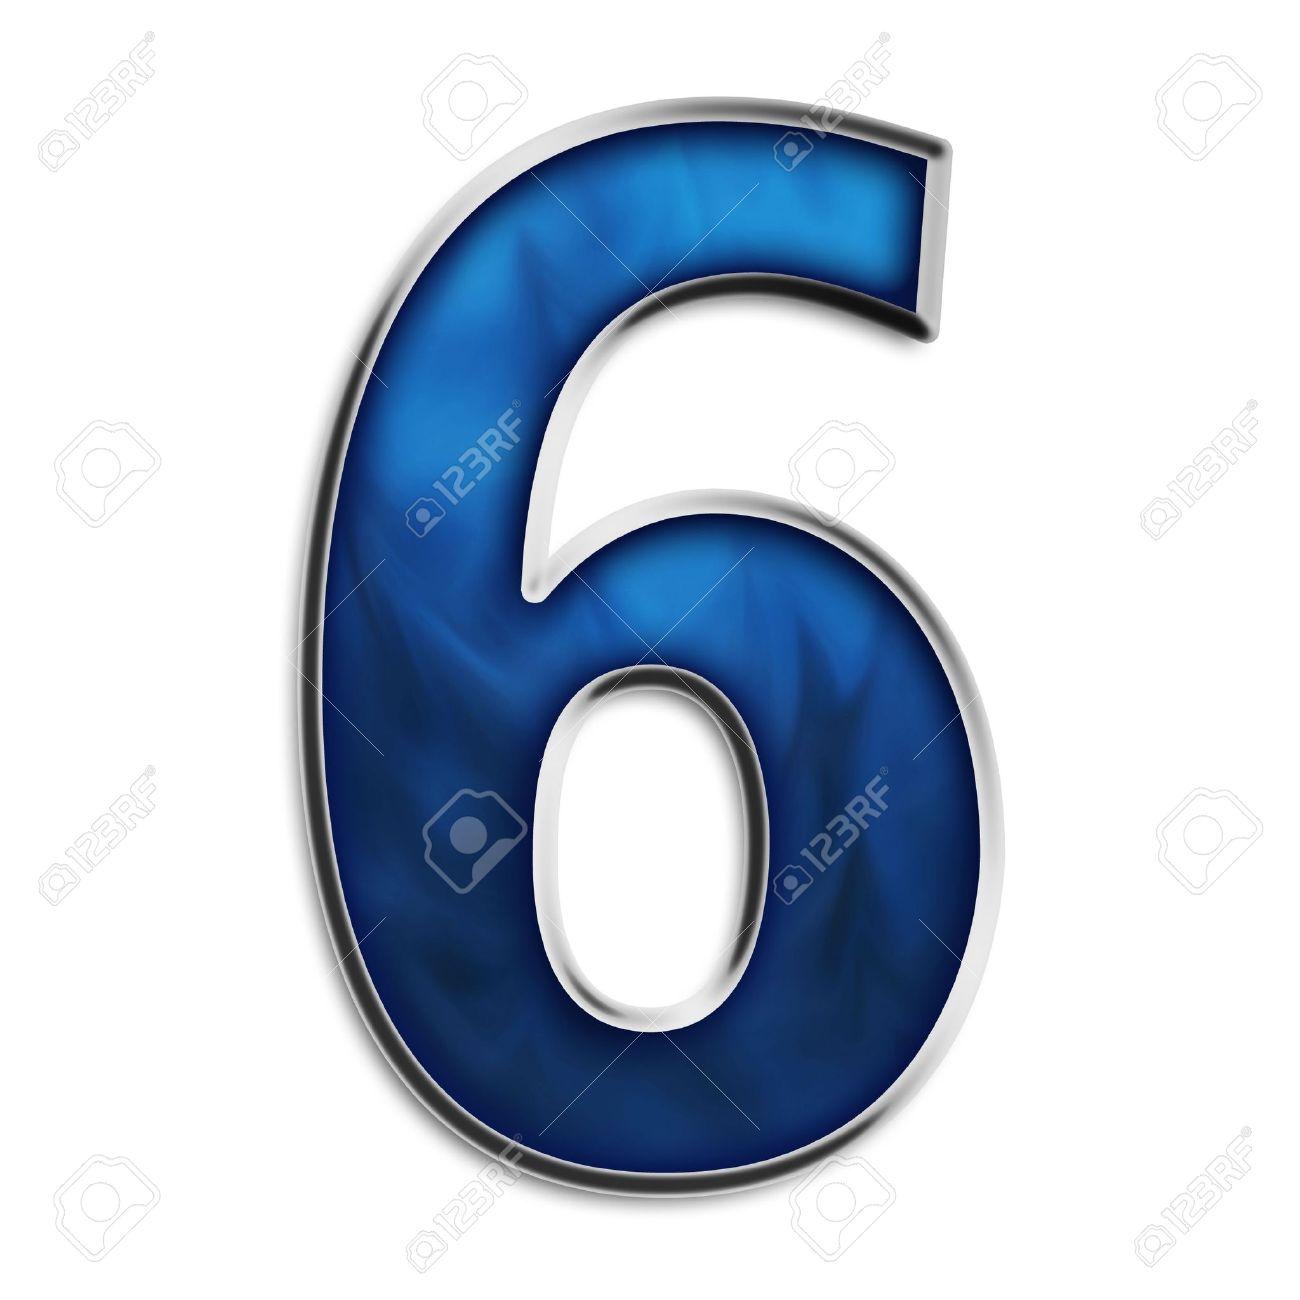 白で隔離される鋼のスモーキー ブルー番号 6 ロイヤリティーフリーフォト